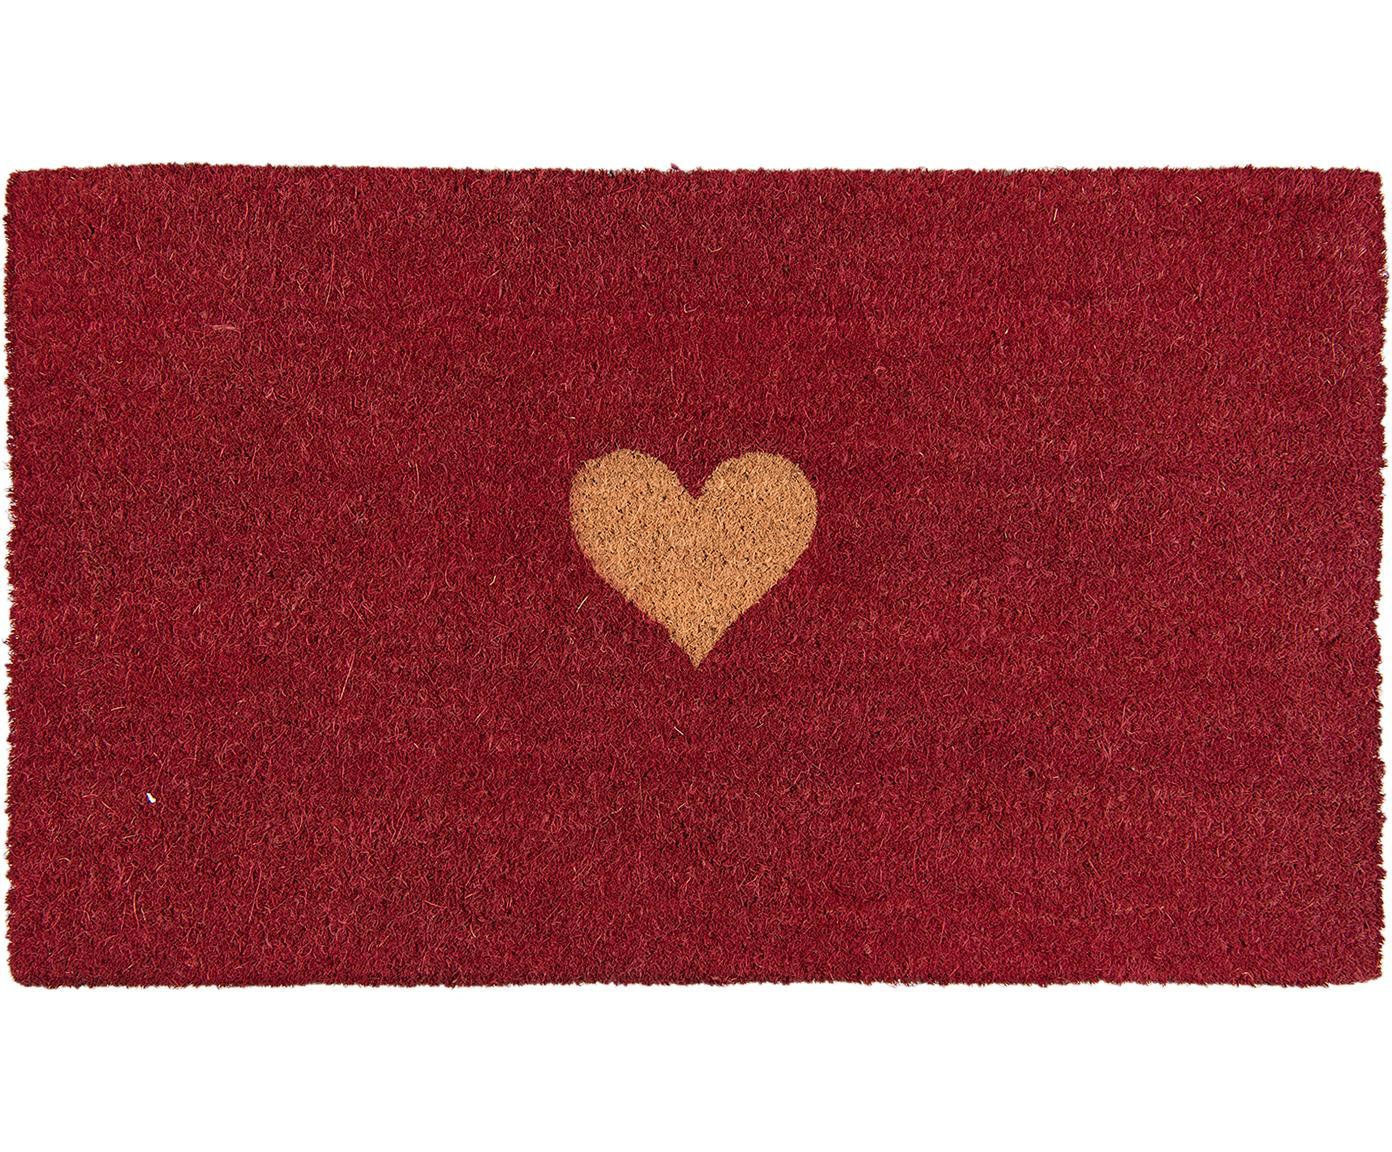 Fußmatte Heart, Oberseite: Kokosfaser, Unterseite: PVC, Rot, Braun, 45 x 75 cm